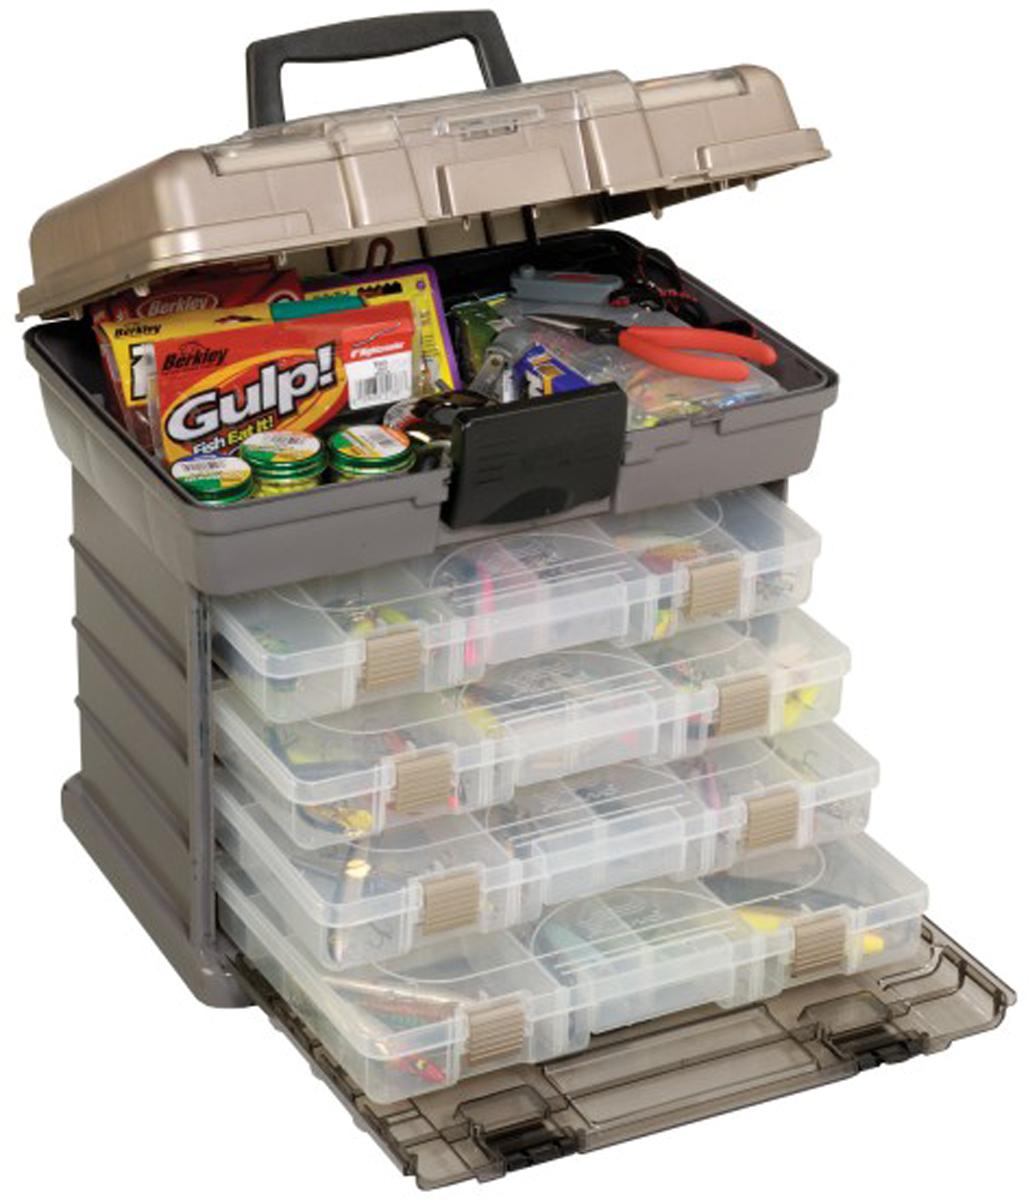 Ящик рыболовный Plano, c верхним отсеком для аксессуаров, цвет: серый. 1374-01